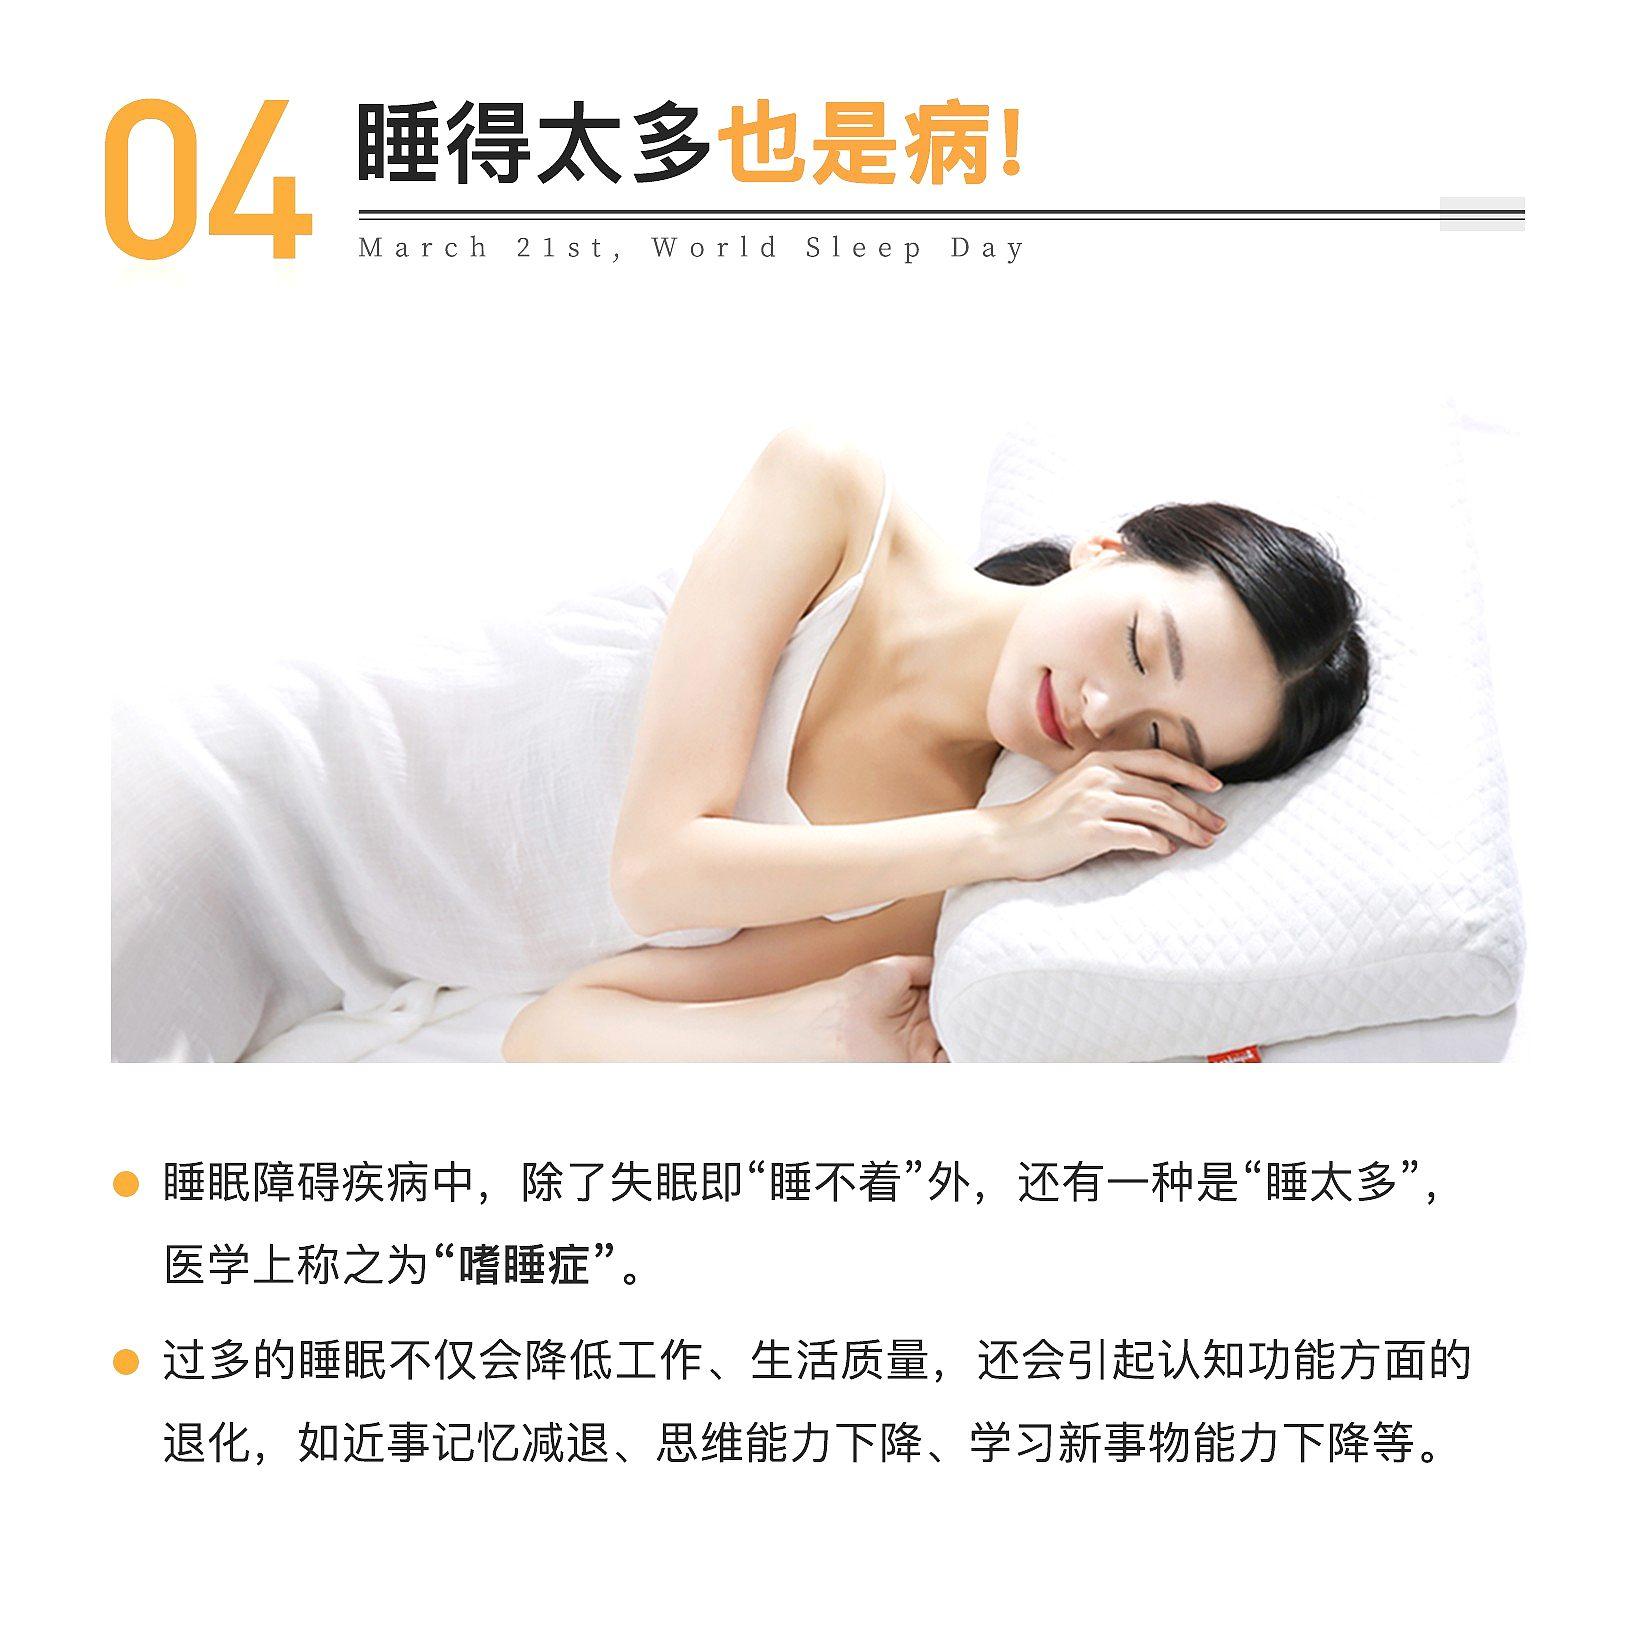 睡眠-养生中的重中之重